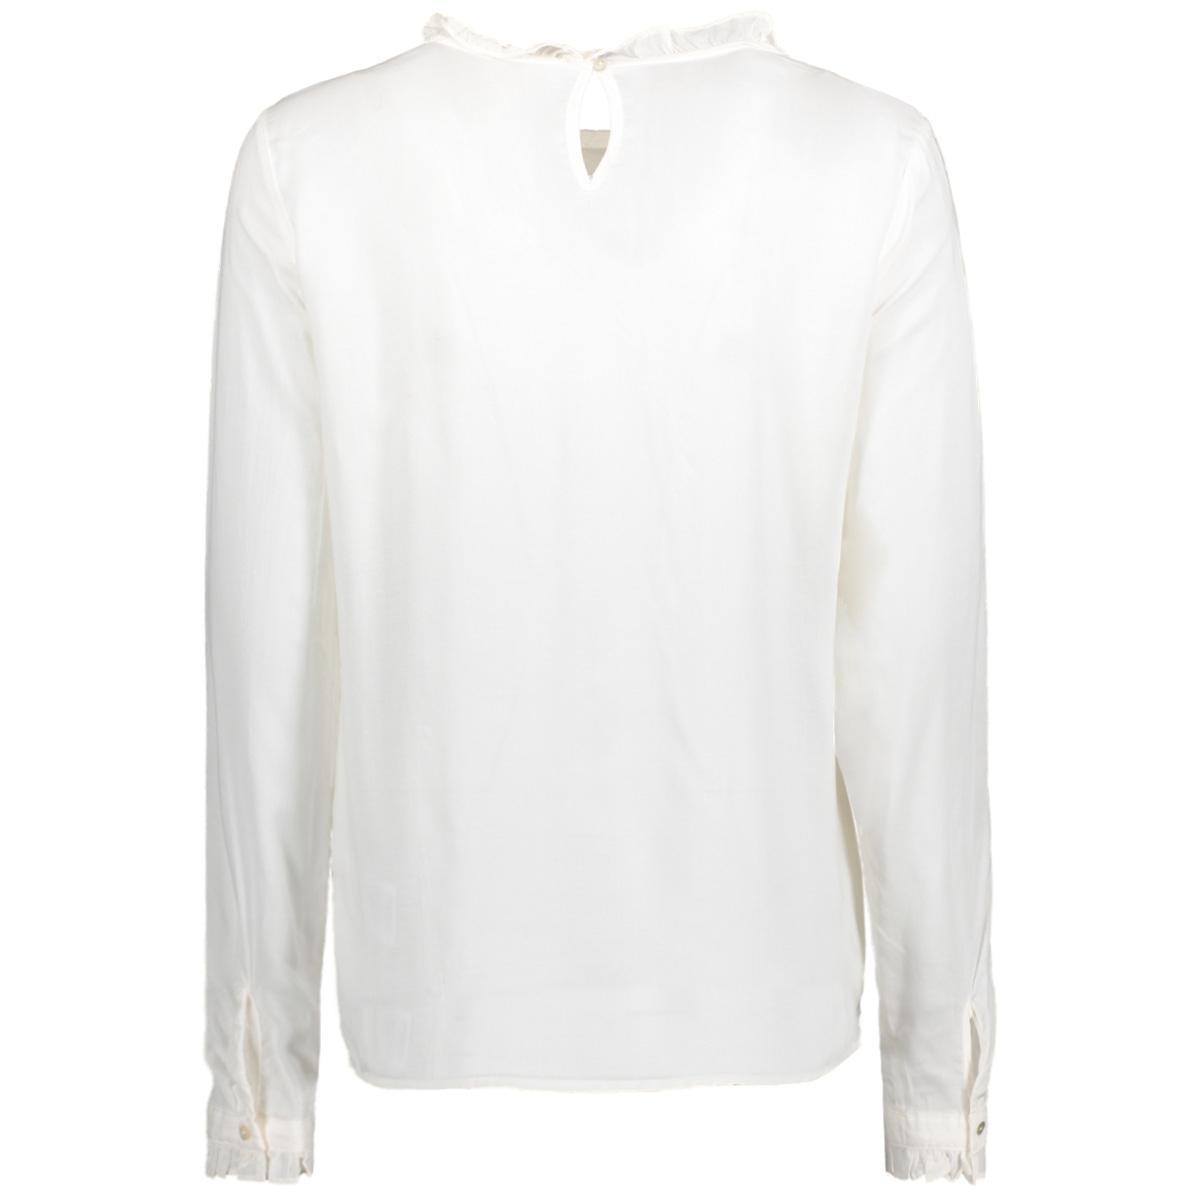 097ee1f033 esprit blouse e110